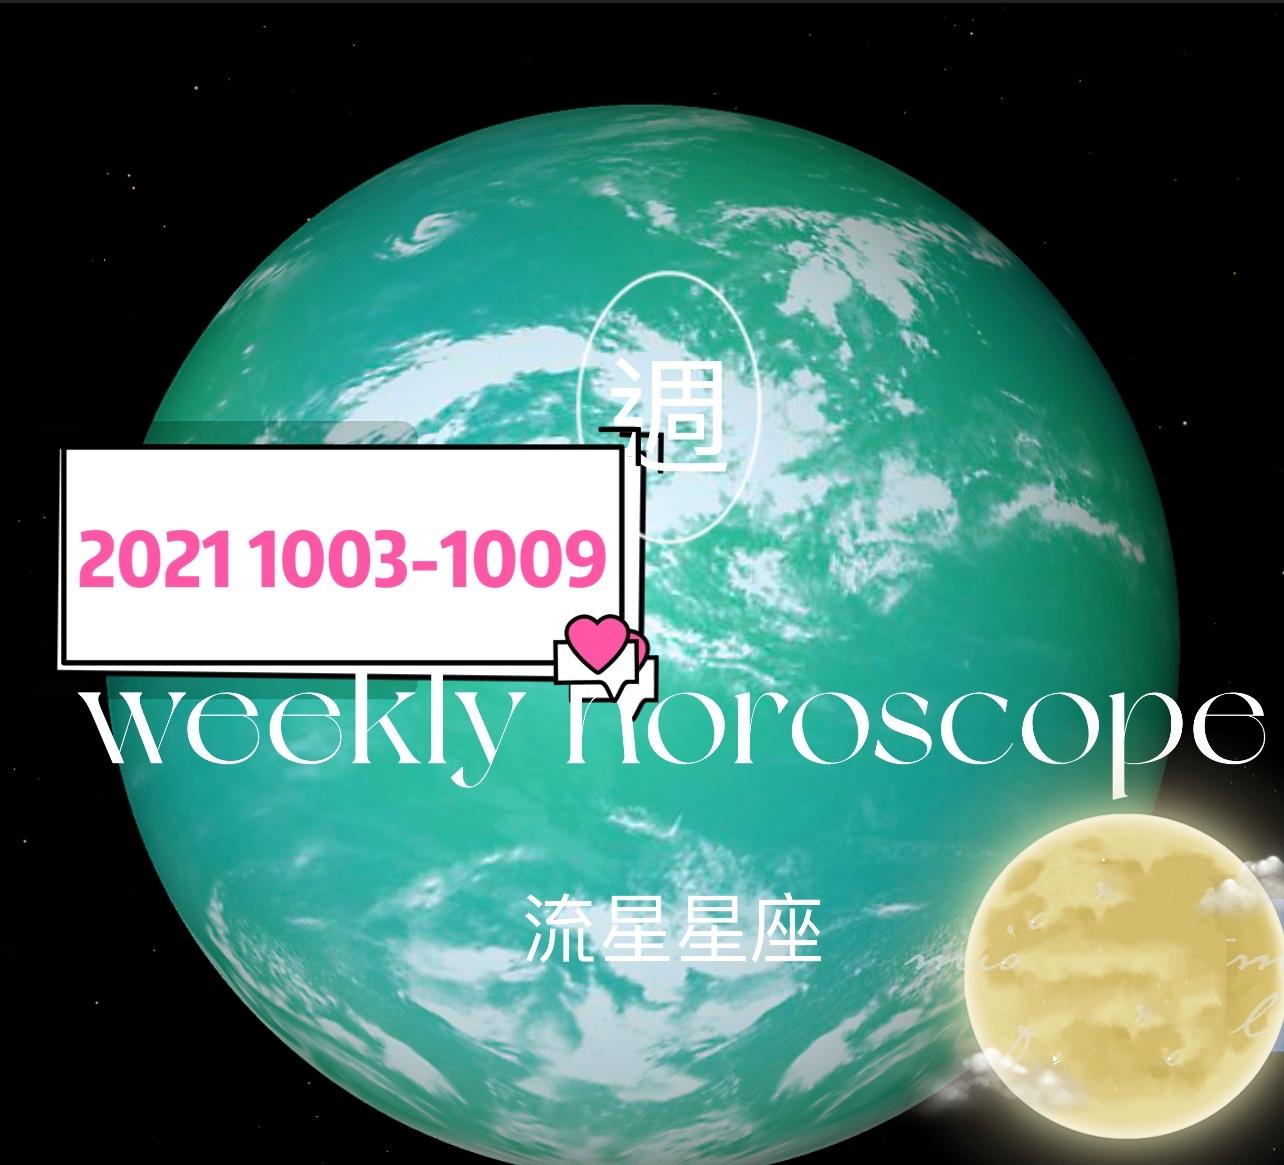 每週星座運勢2021/1003-1006